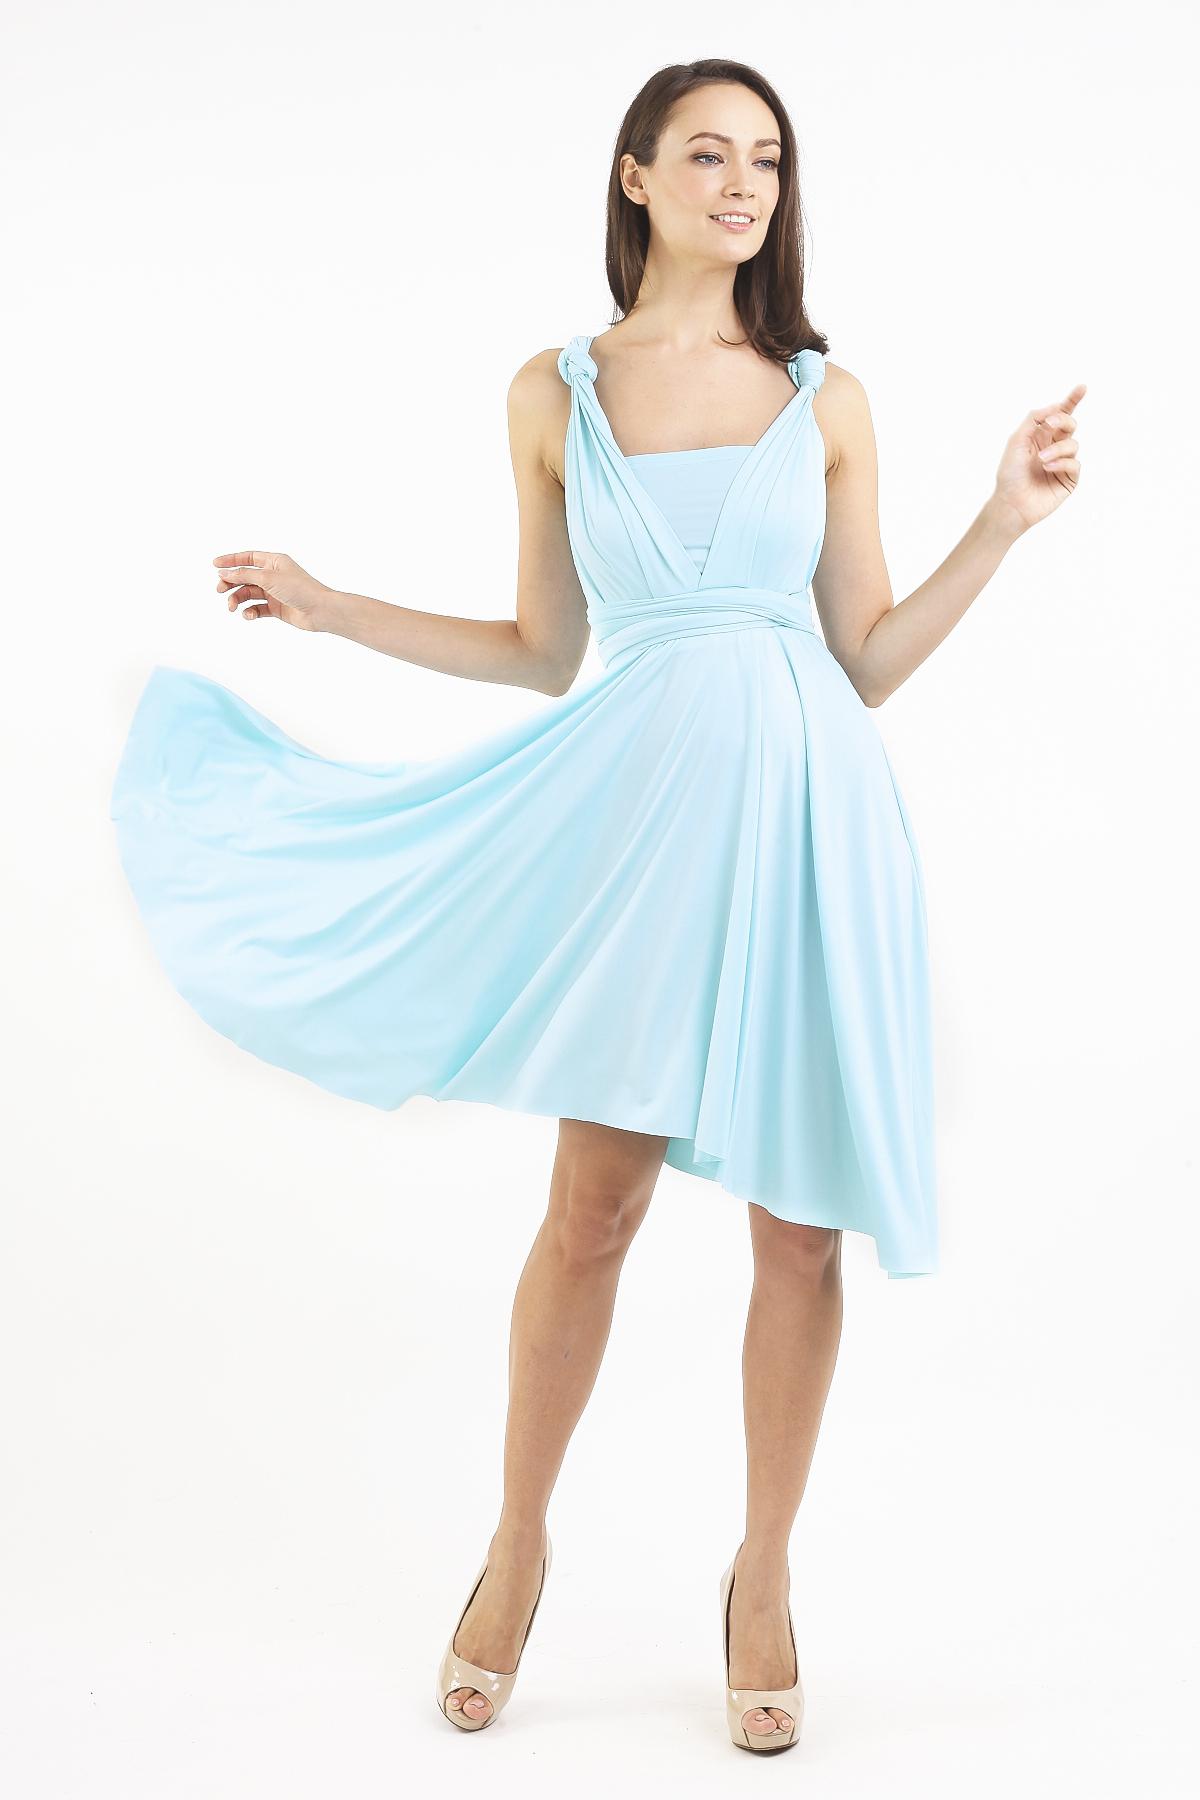 3beedde77df INTOXIQUETTE MULTIWAY DRESS IN TIFFANY BLUE